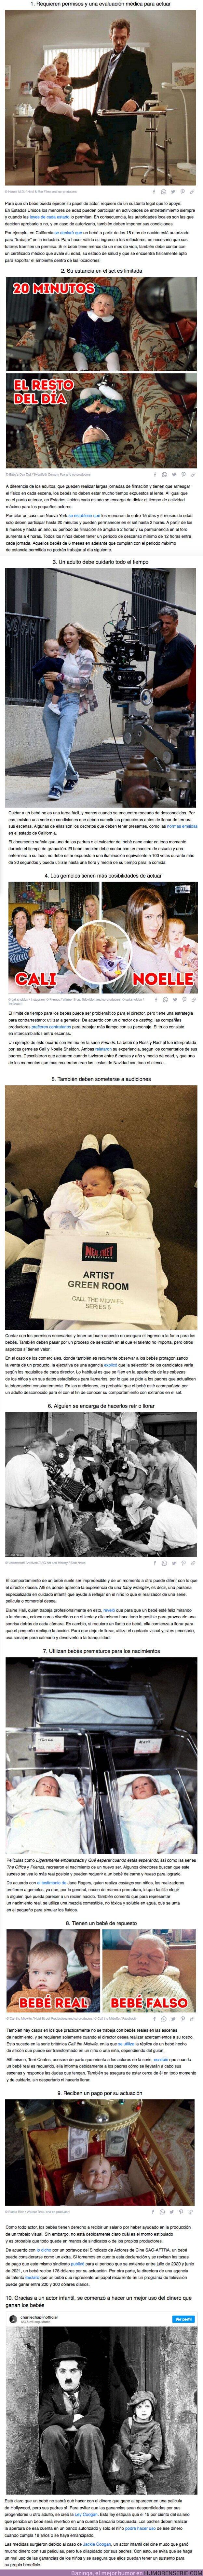 68652 - GALERÍA: 10 Hechos sobre el trabajo de los bebés actores en una serie o película